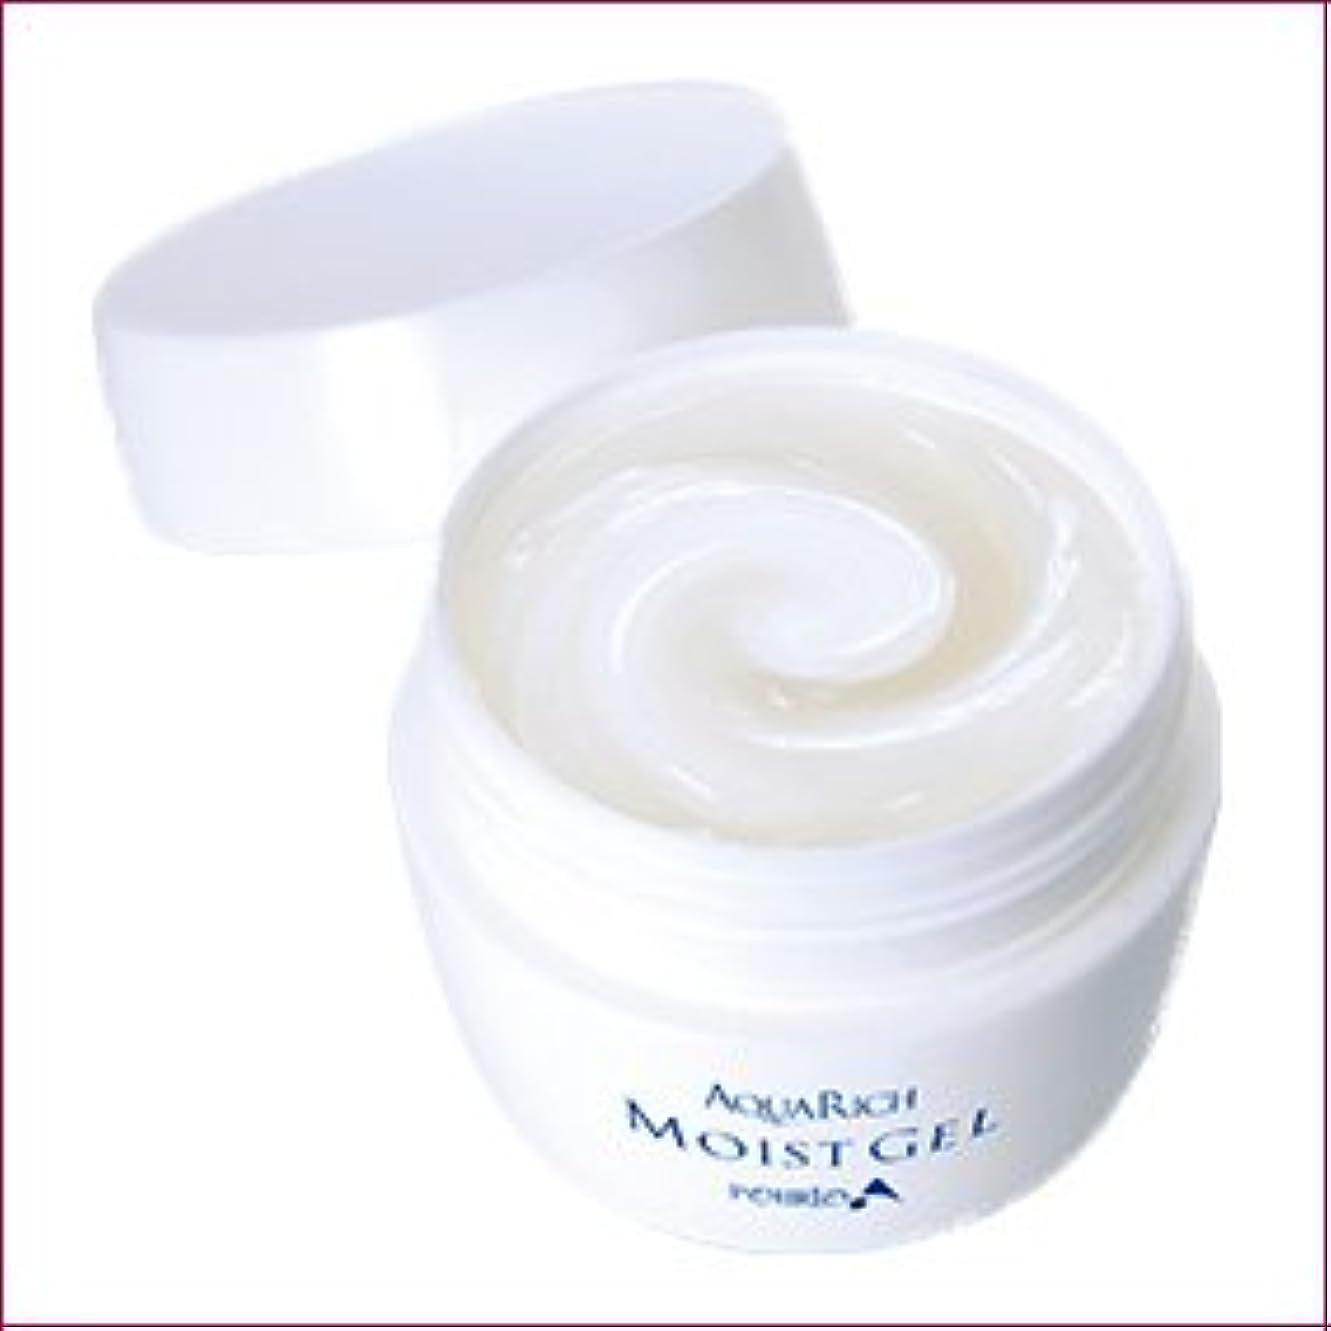 ブルジョンクモフラフープポルトA 洗顔後はこれひとつ 30秒のスキンケアアクアリッチ モイストジェル